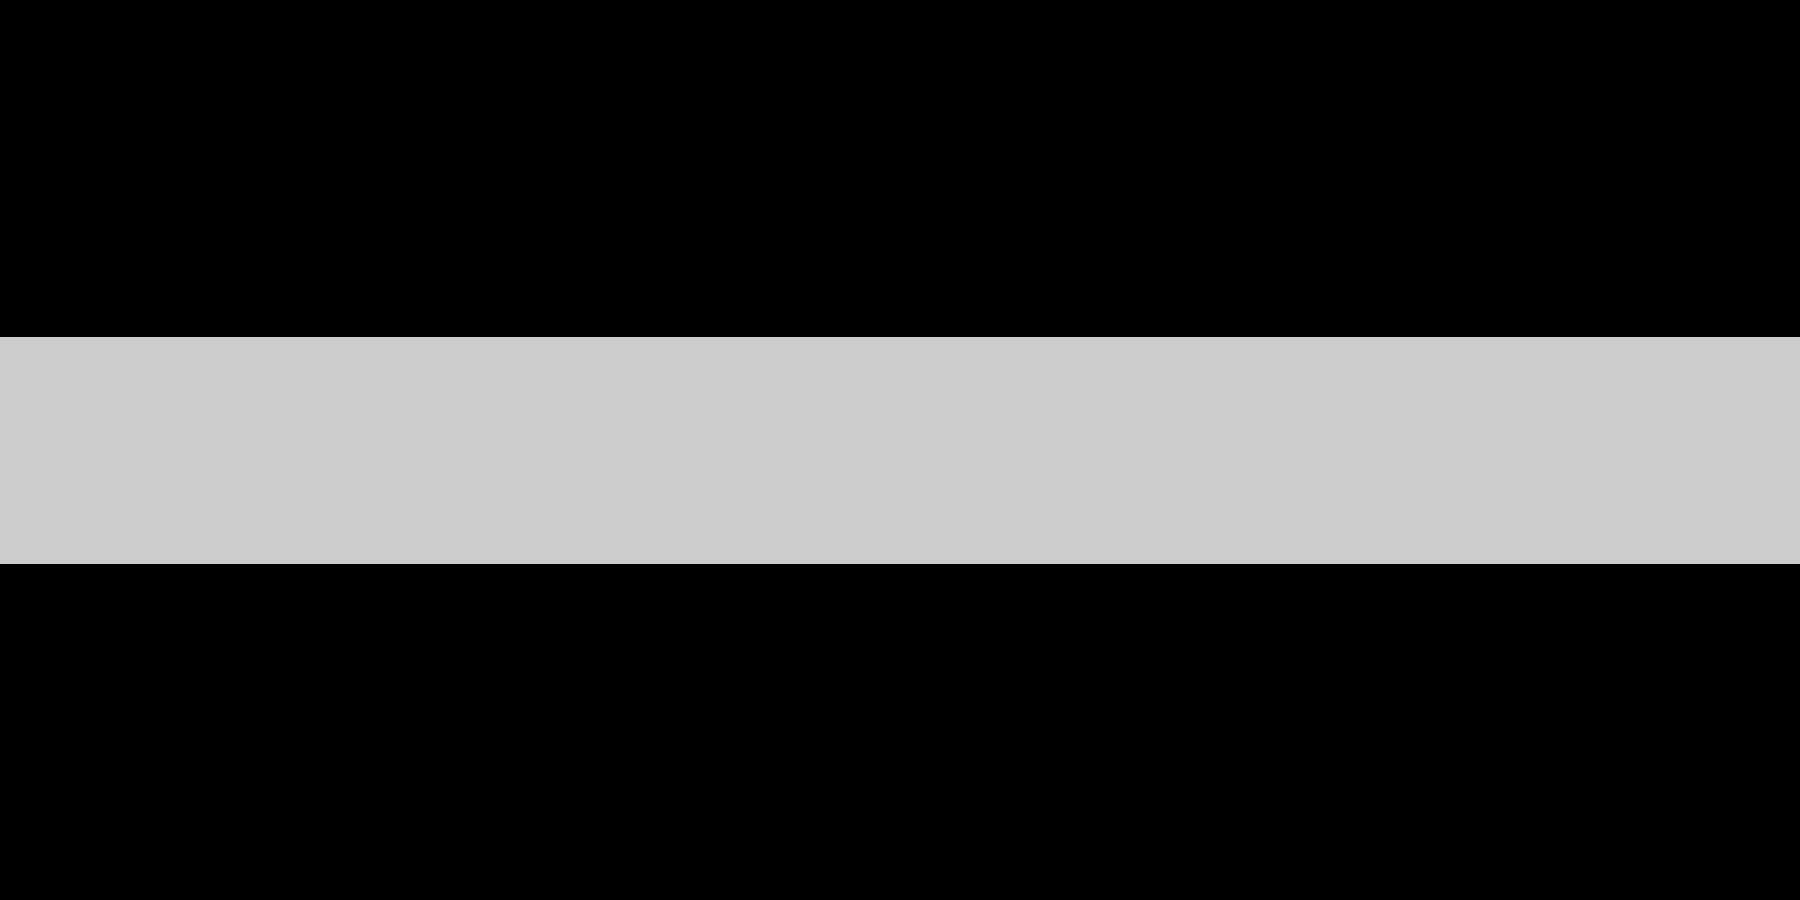 ソルフェジオ周波数_417hzの未再生の波形